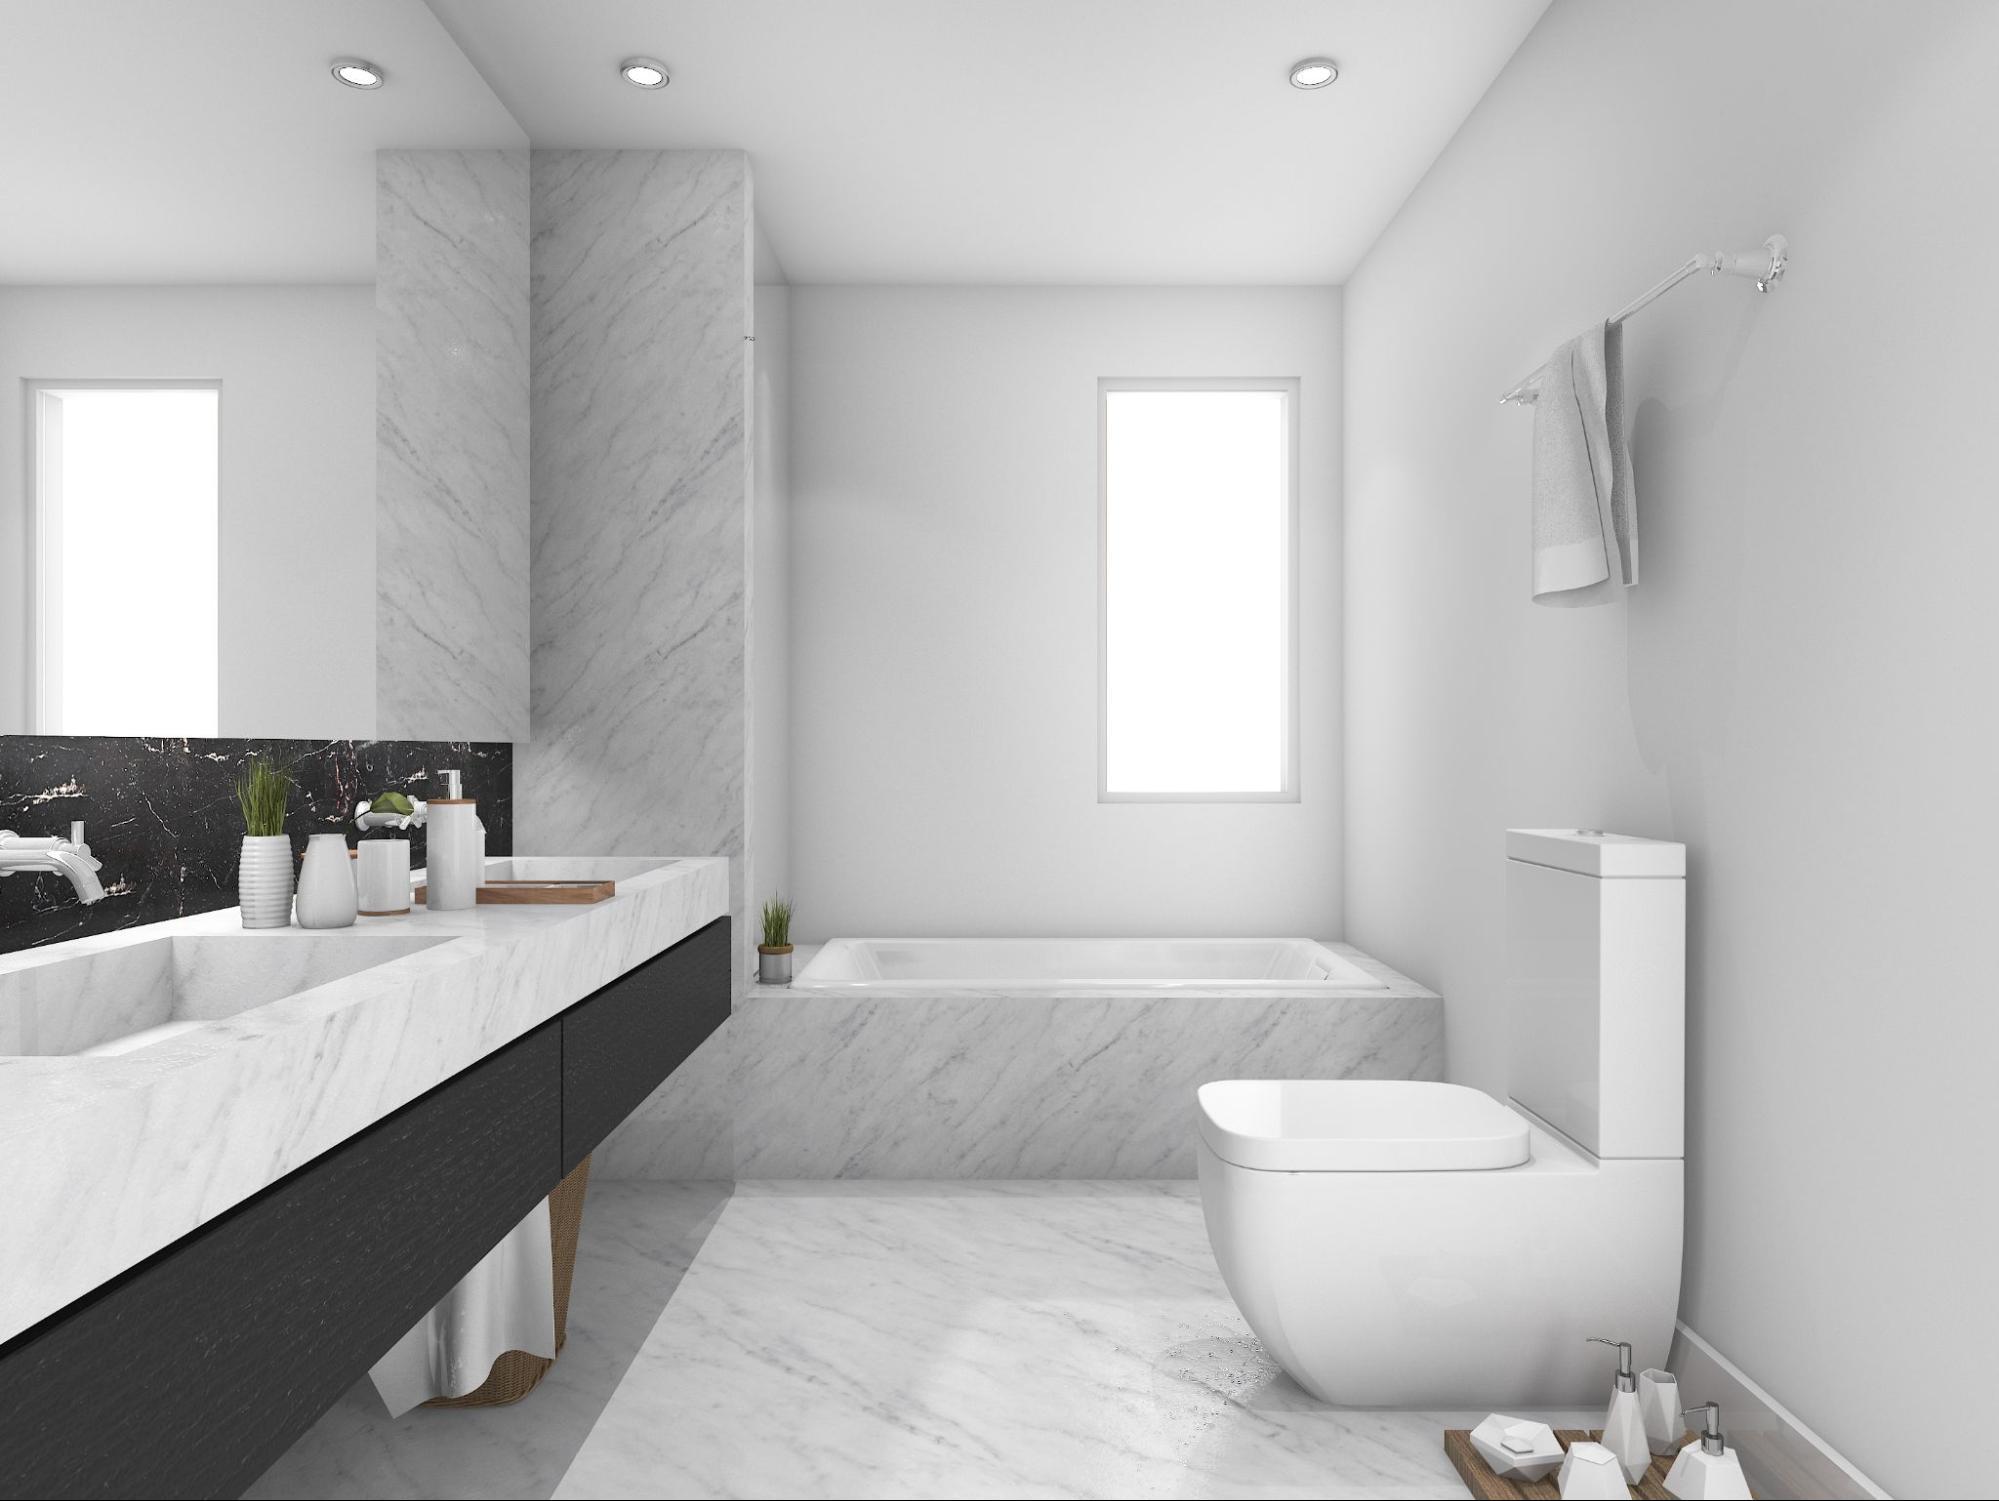 Bianco Marble Slab On Bathroom Vanitytop And Flooring